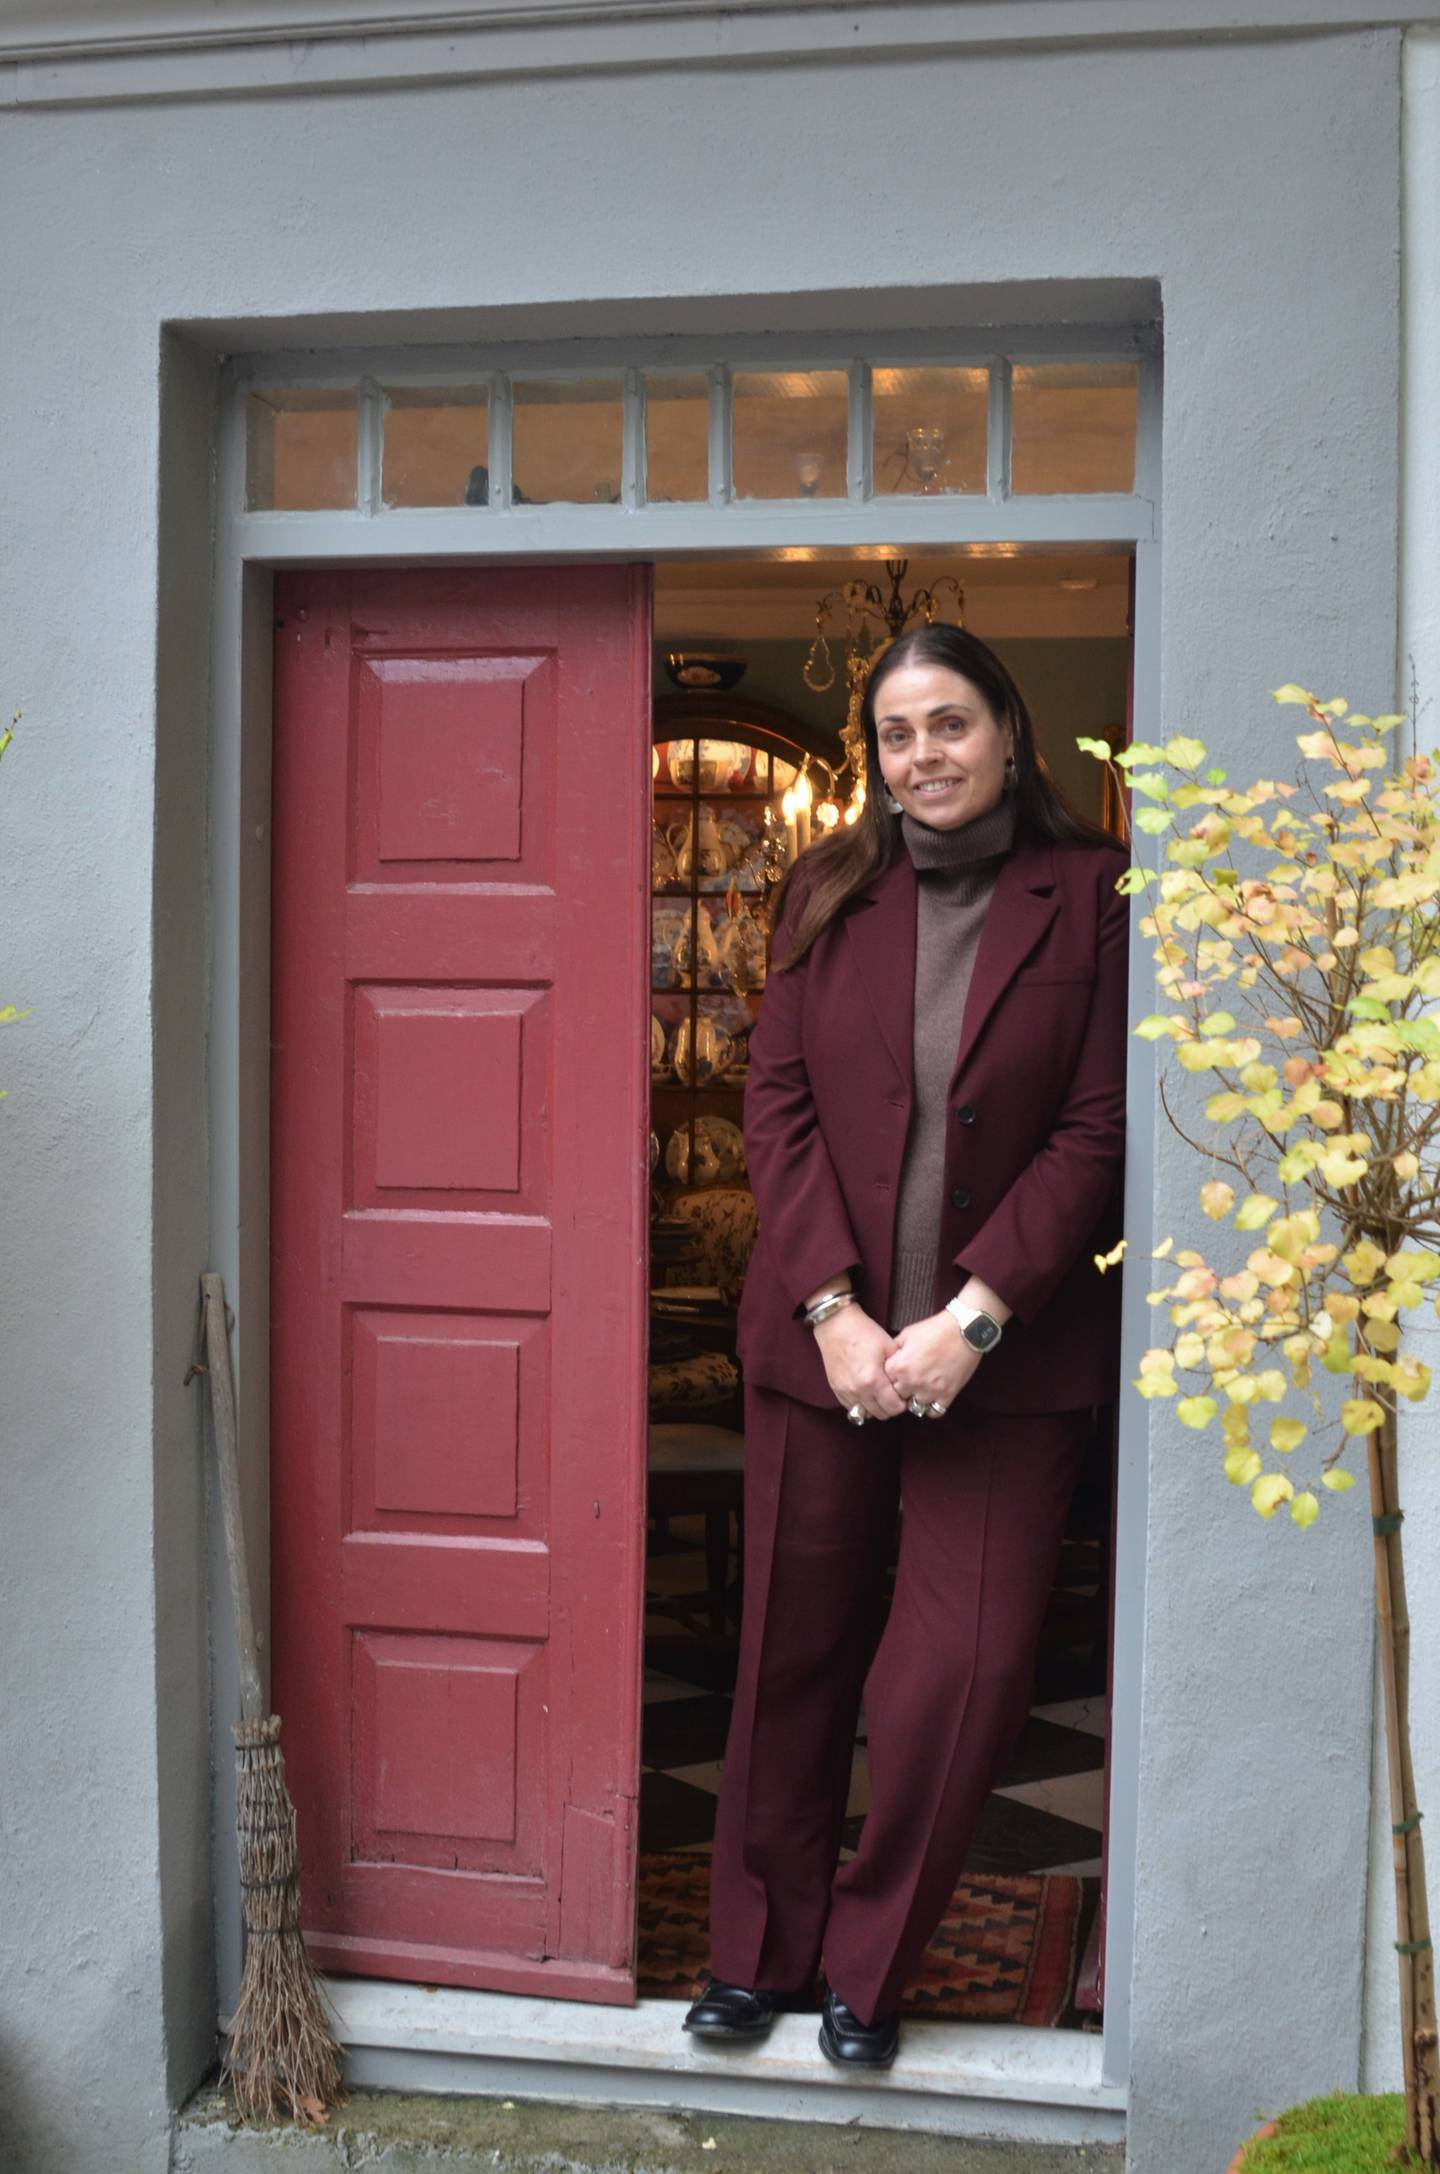 – Jeg kjøper kun gjenstander som jeg gjerne skulle hatt selv. På en måte tenker jeg at det er et kvalitetstegn, sier Hege Dahlgren i sin antikvitetsbutikk på Hvaler.